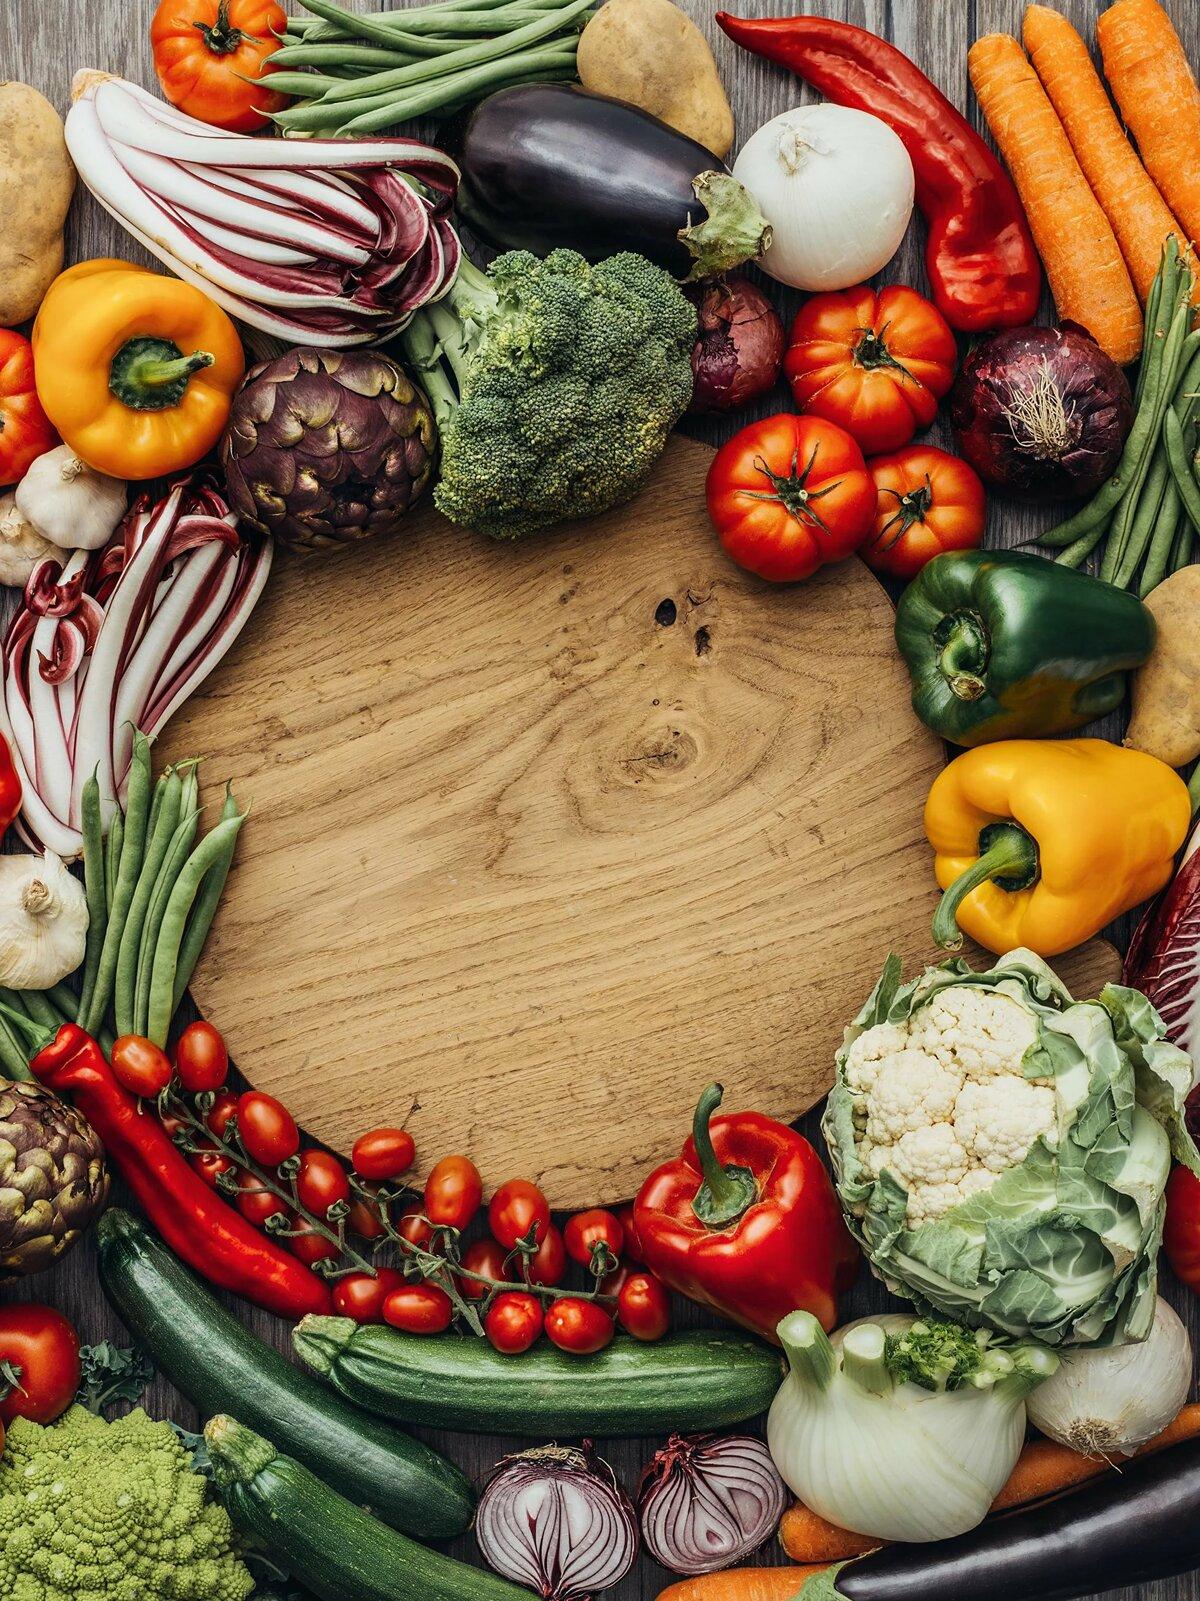 картинки еды овощи фрукты нас есть заказчики